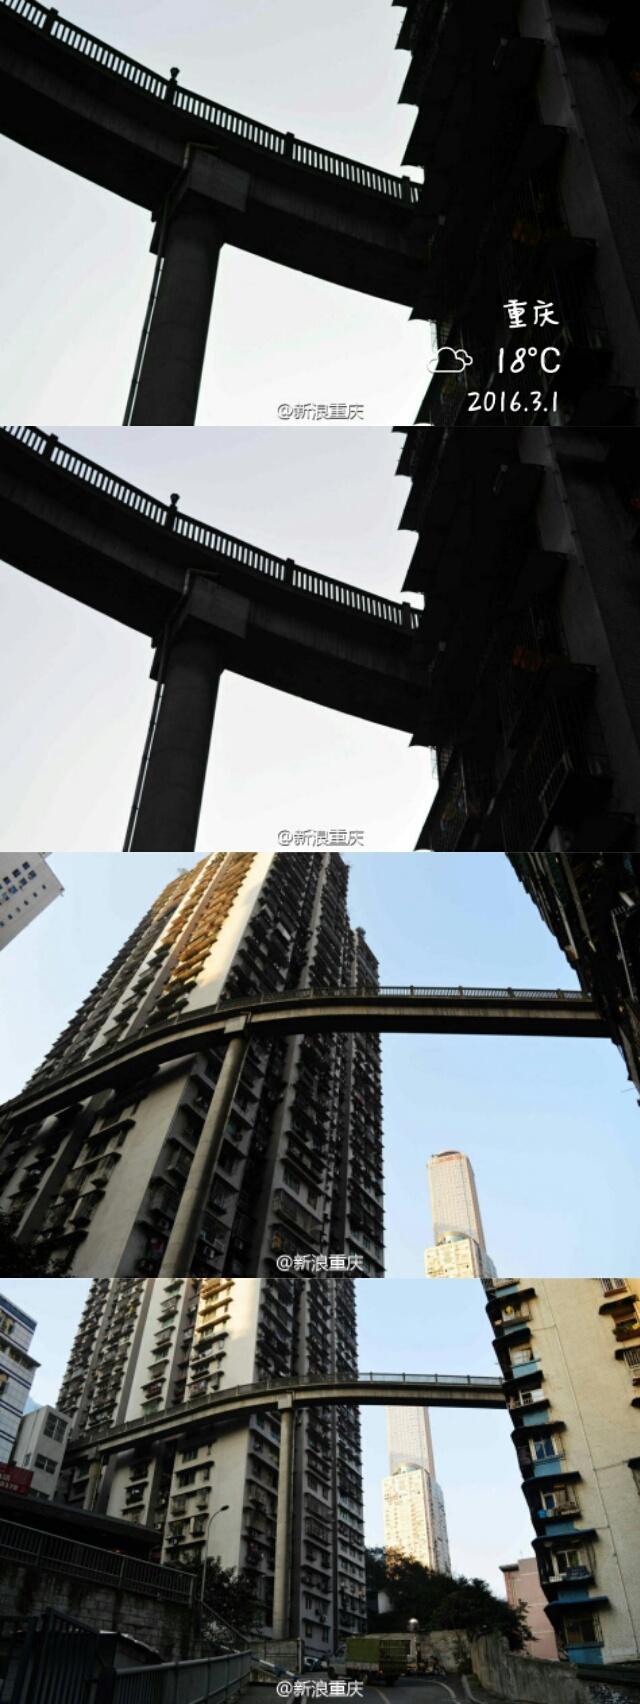 """【重庆现""""最任性天桥"""" 绕楼如丝】渝中东营街,一座人行天桥离地40米,天桥桥面宽约2米,长约70米,中间仅靠一根水泥墩支撑。天桥在半空中呈""""S型""""绕楼而过,好似一条飞扬的丝带,被称为""""最任性天桥""""。3D魔幻城市就是如此霸气!"""